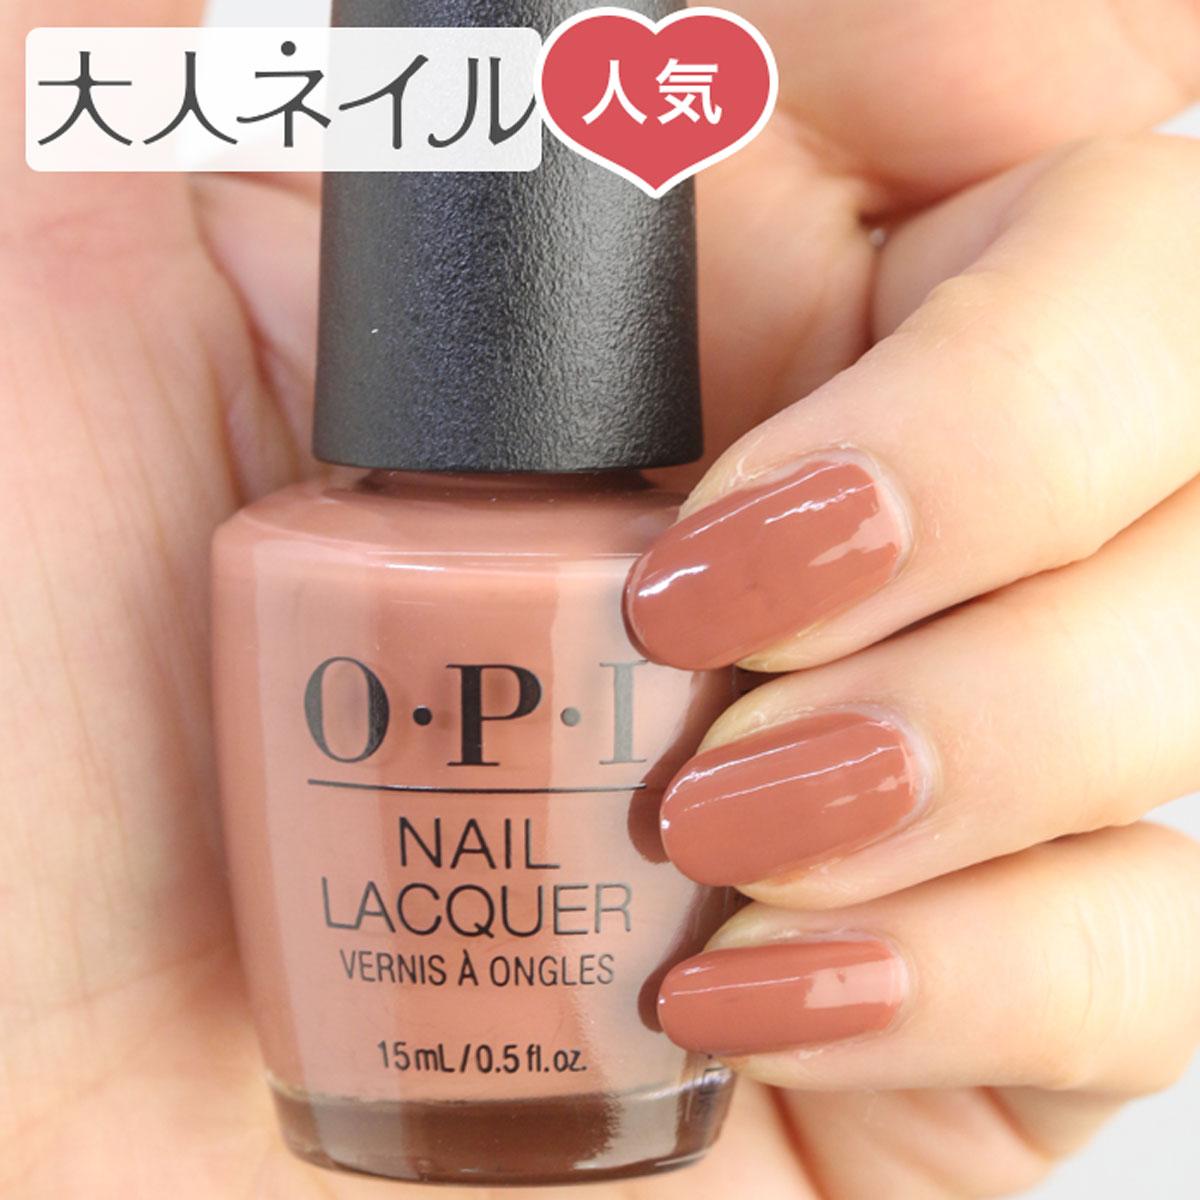 OPI(オーピーアイ) NL C89 Chocolate Moose(チョコレートムース) opi マニキュア ネイルカラー ネイルポリッシュ セルフネイル 速乾 茶色 ブラウン オレンジ マット